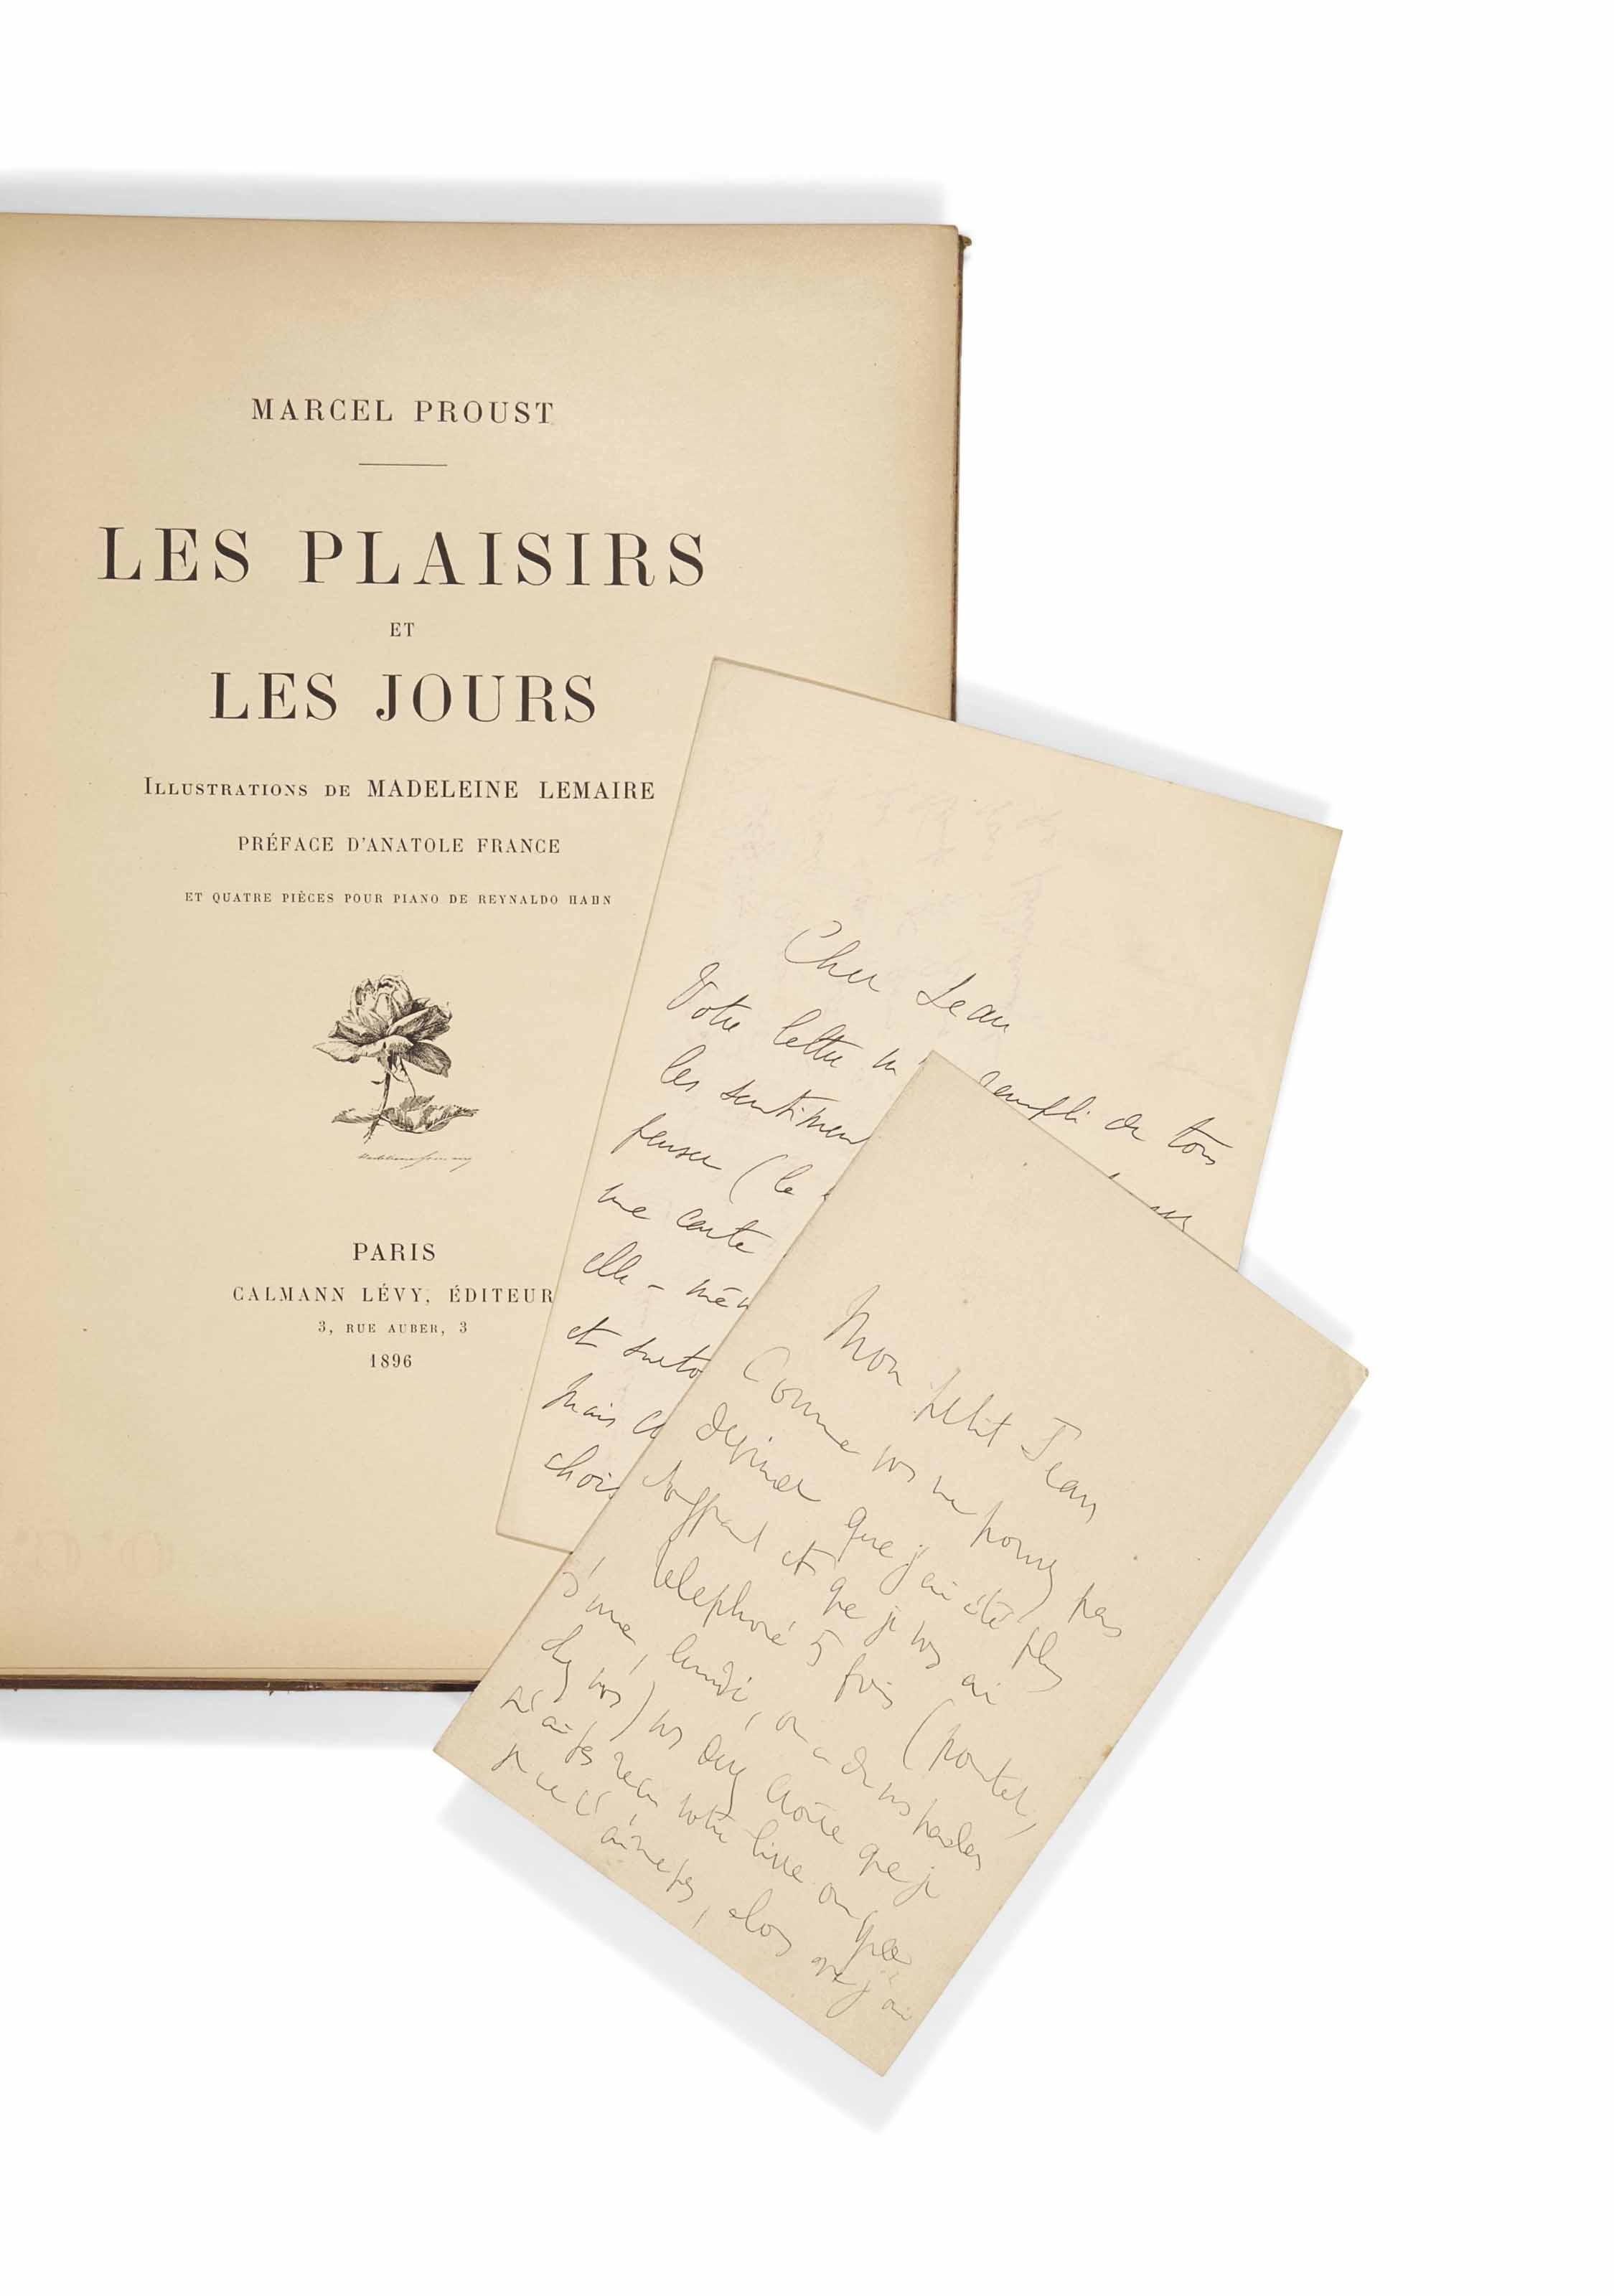 Marcel PROUST (1871-1922). Les